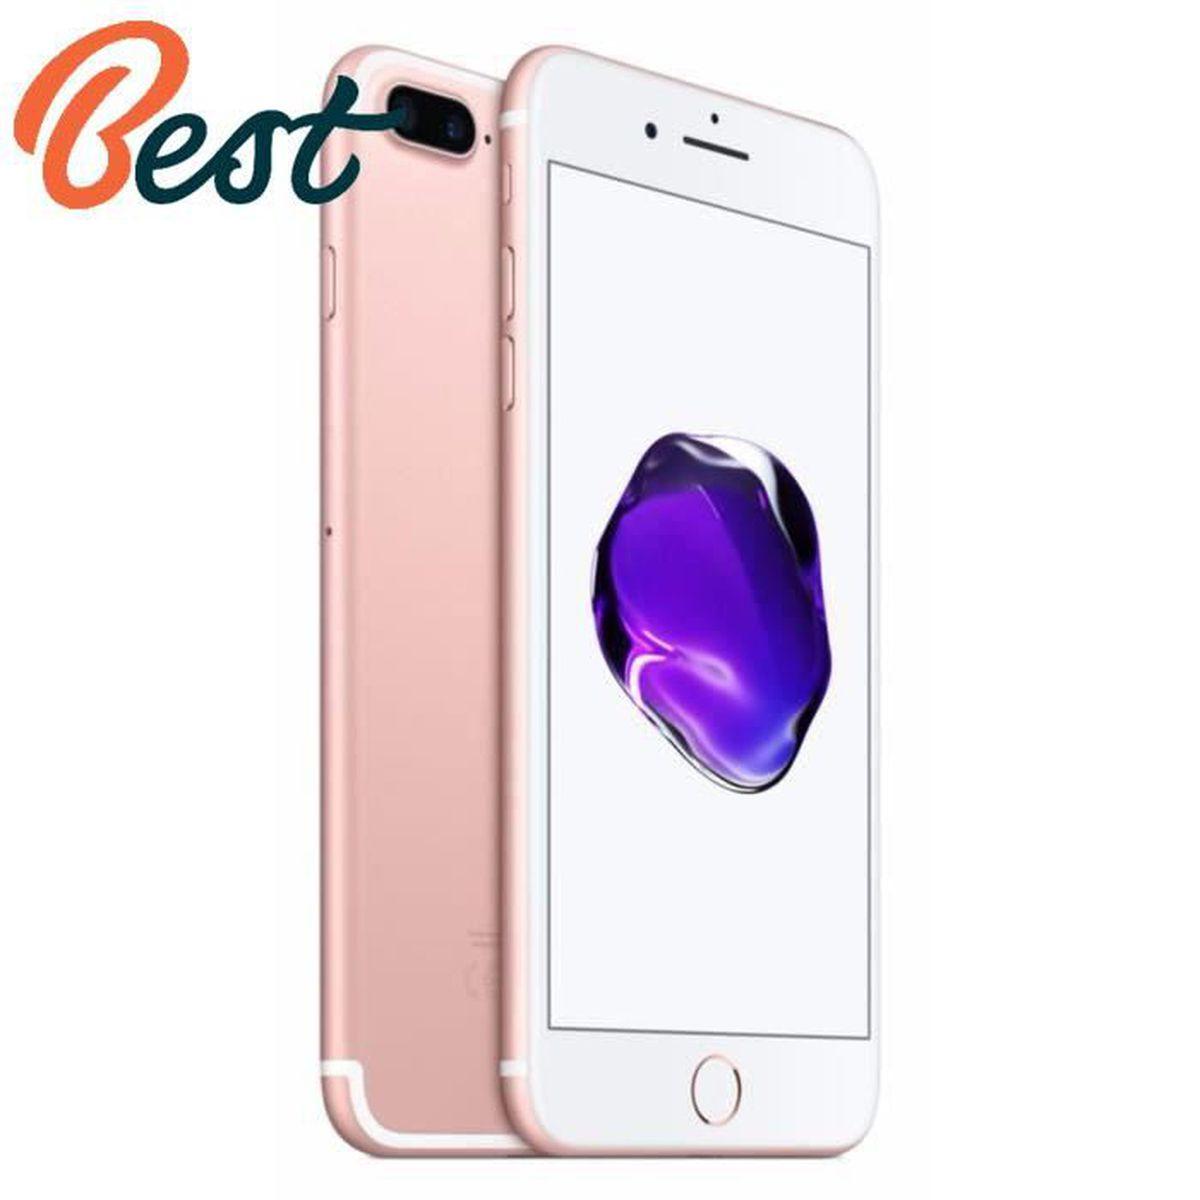 207d3e61c9bfe0 APPLE IPhone 7 plus 32 Go Rose débloqué - Achat smartphone recond ...